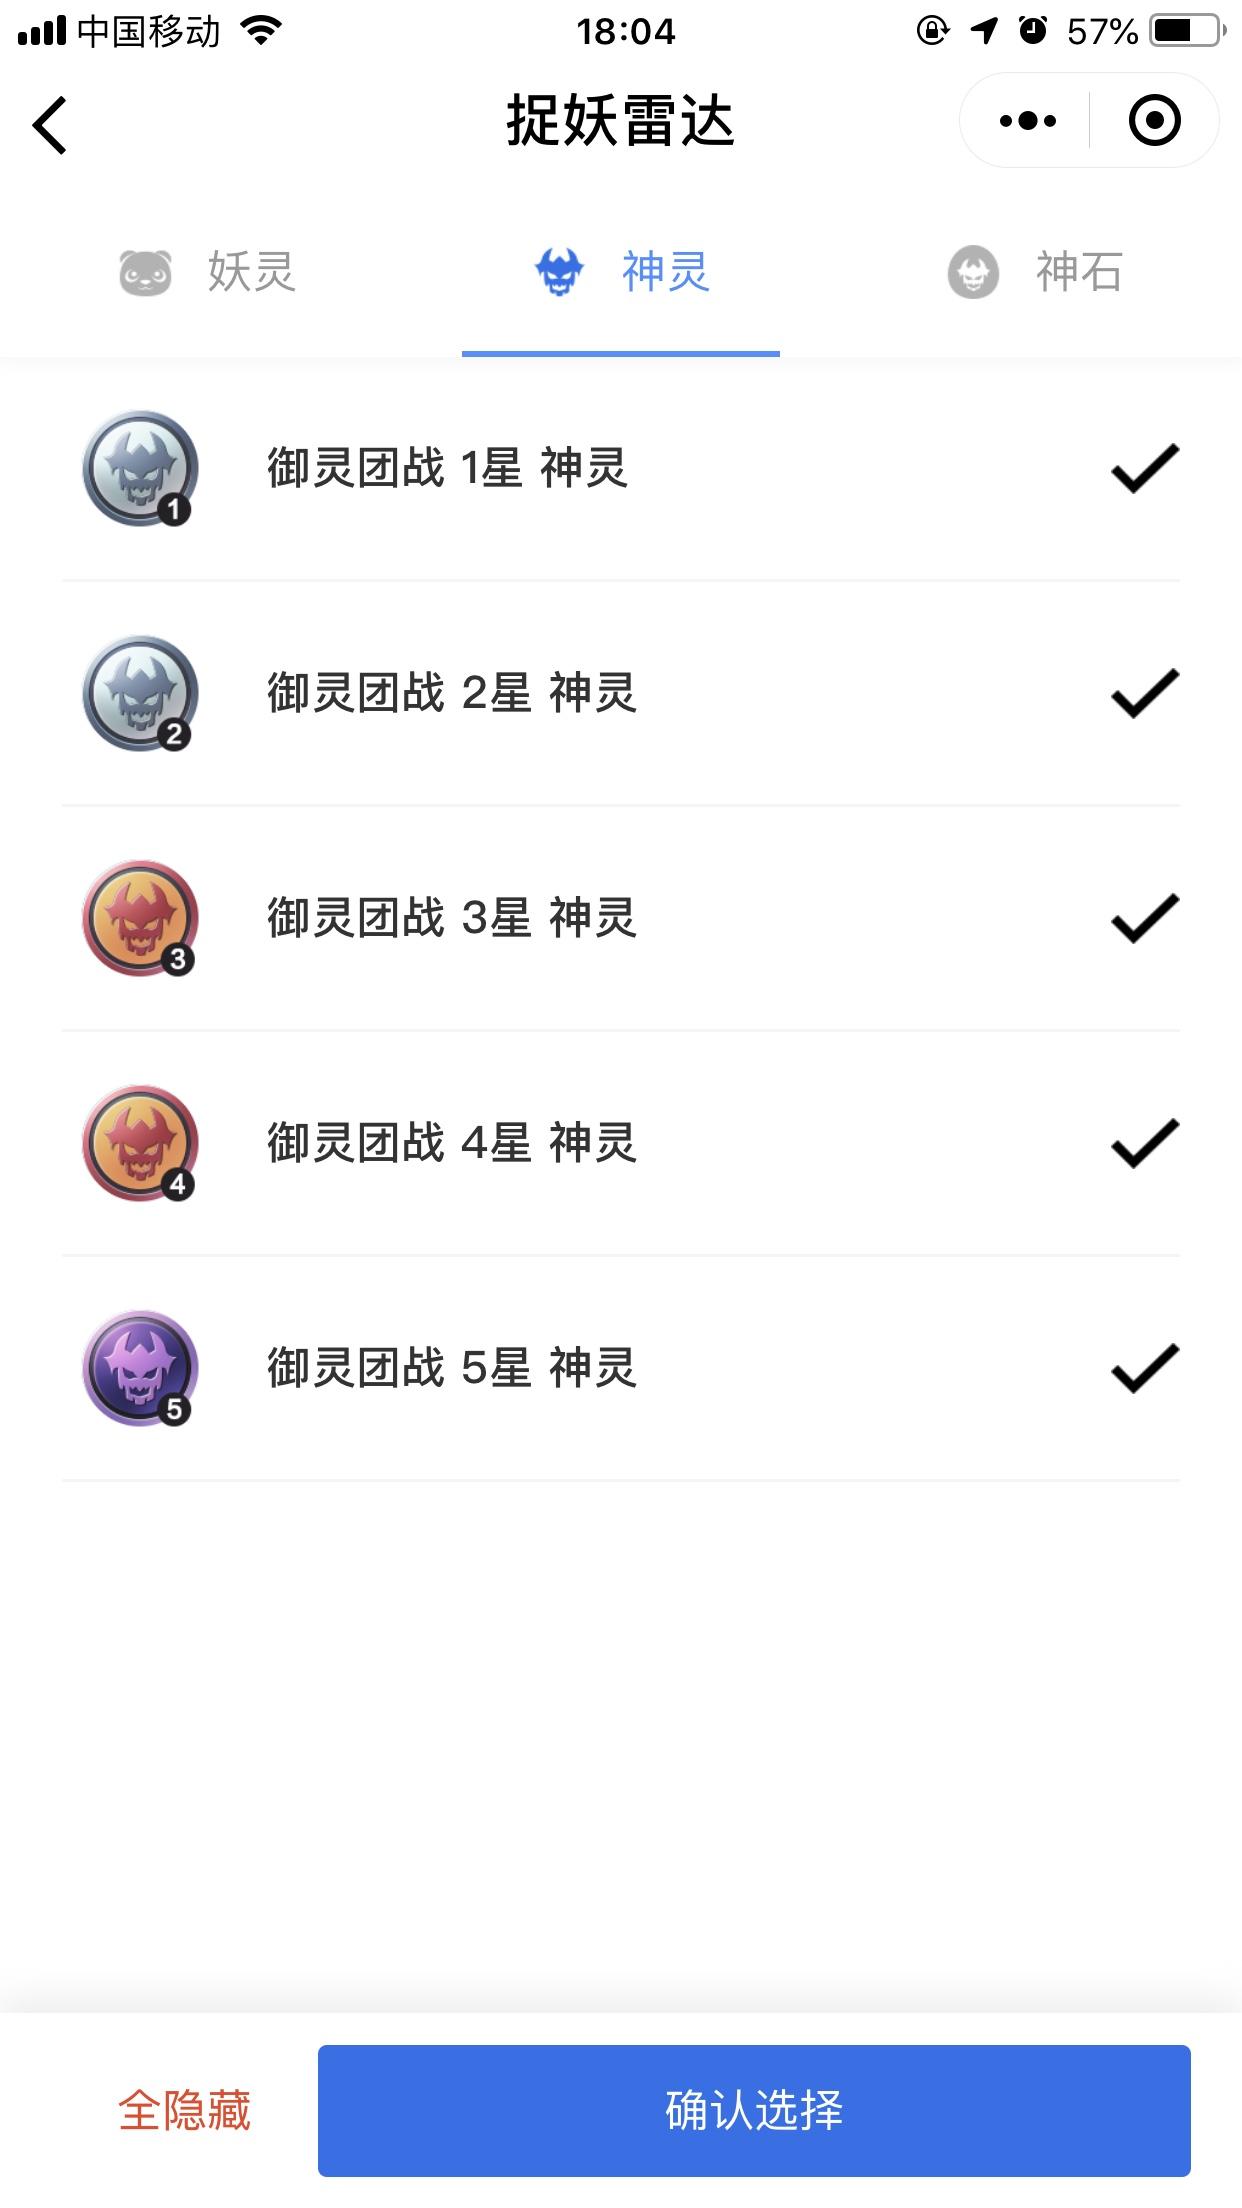 捉妖雷达app图片2